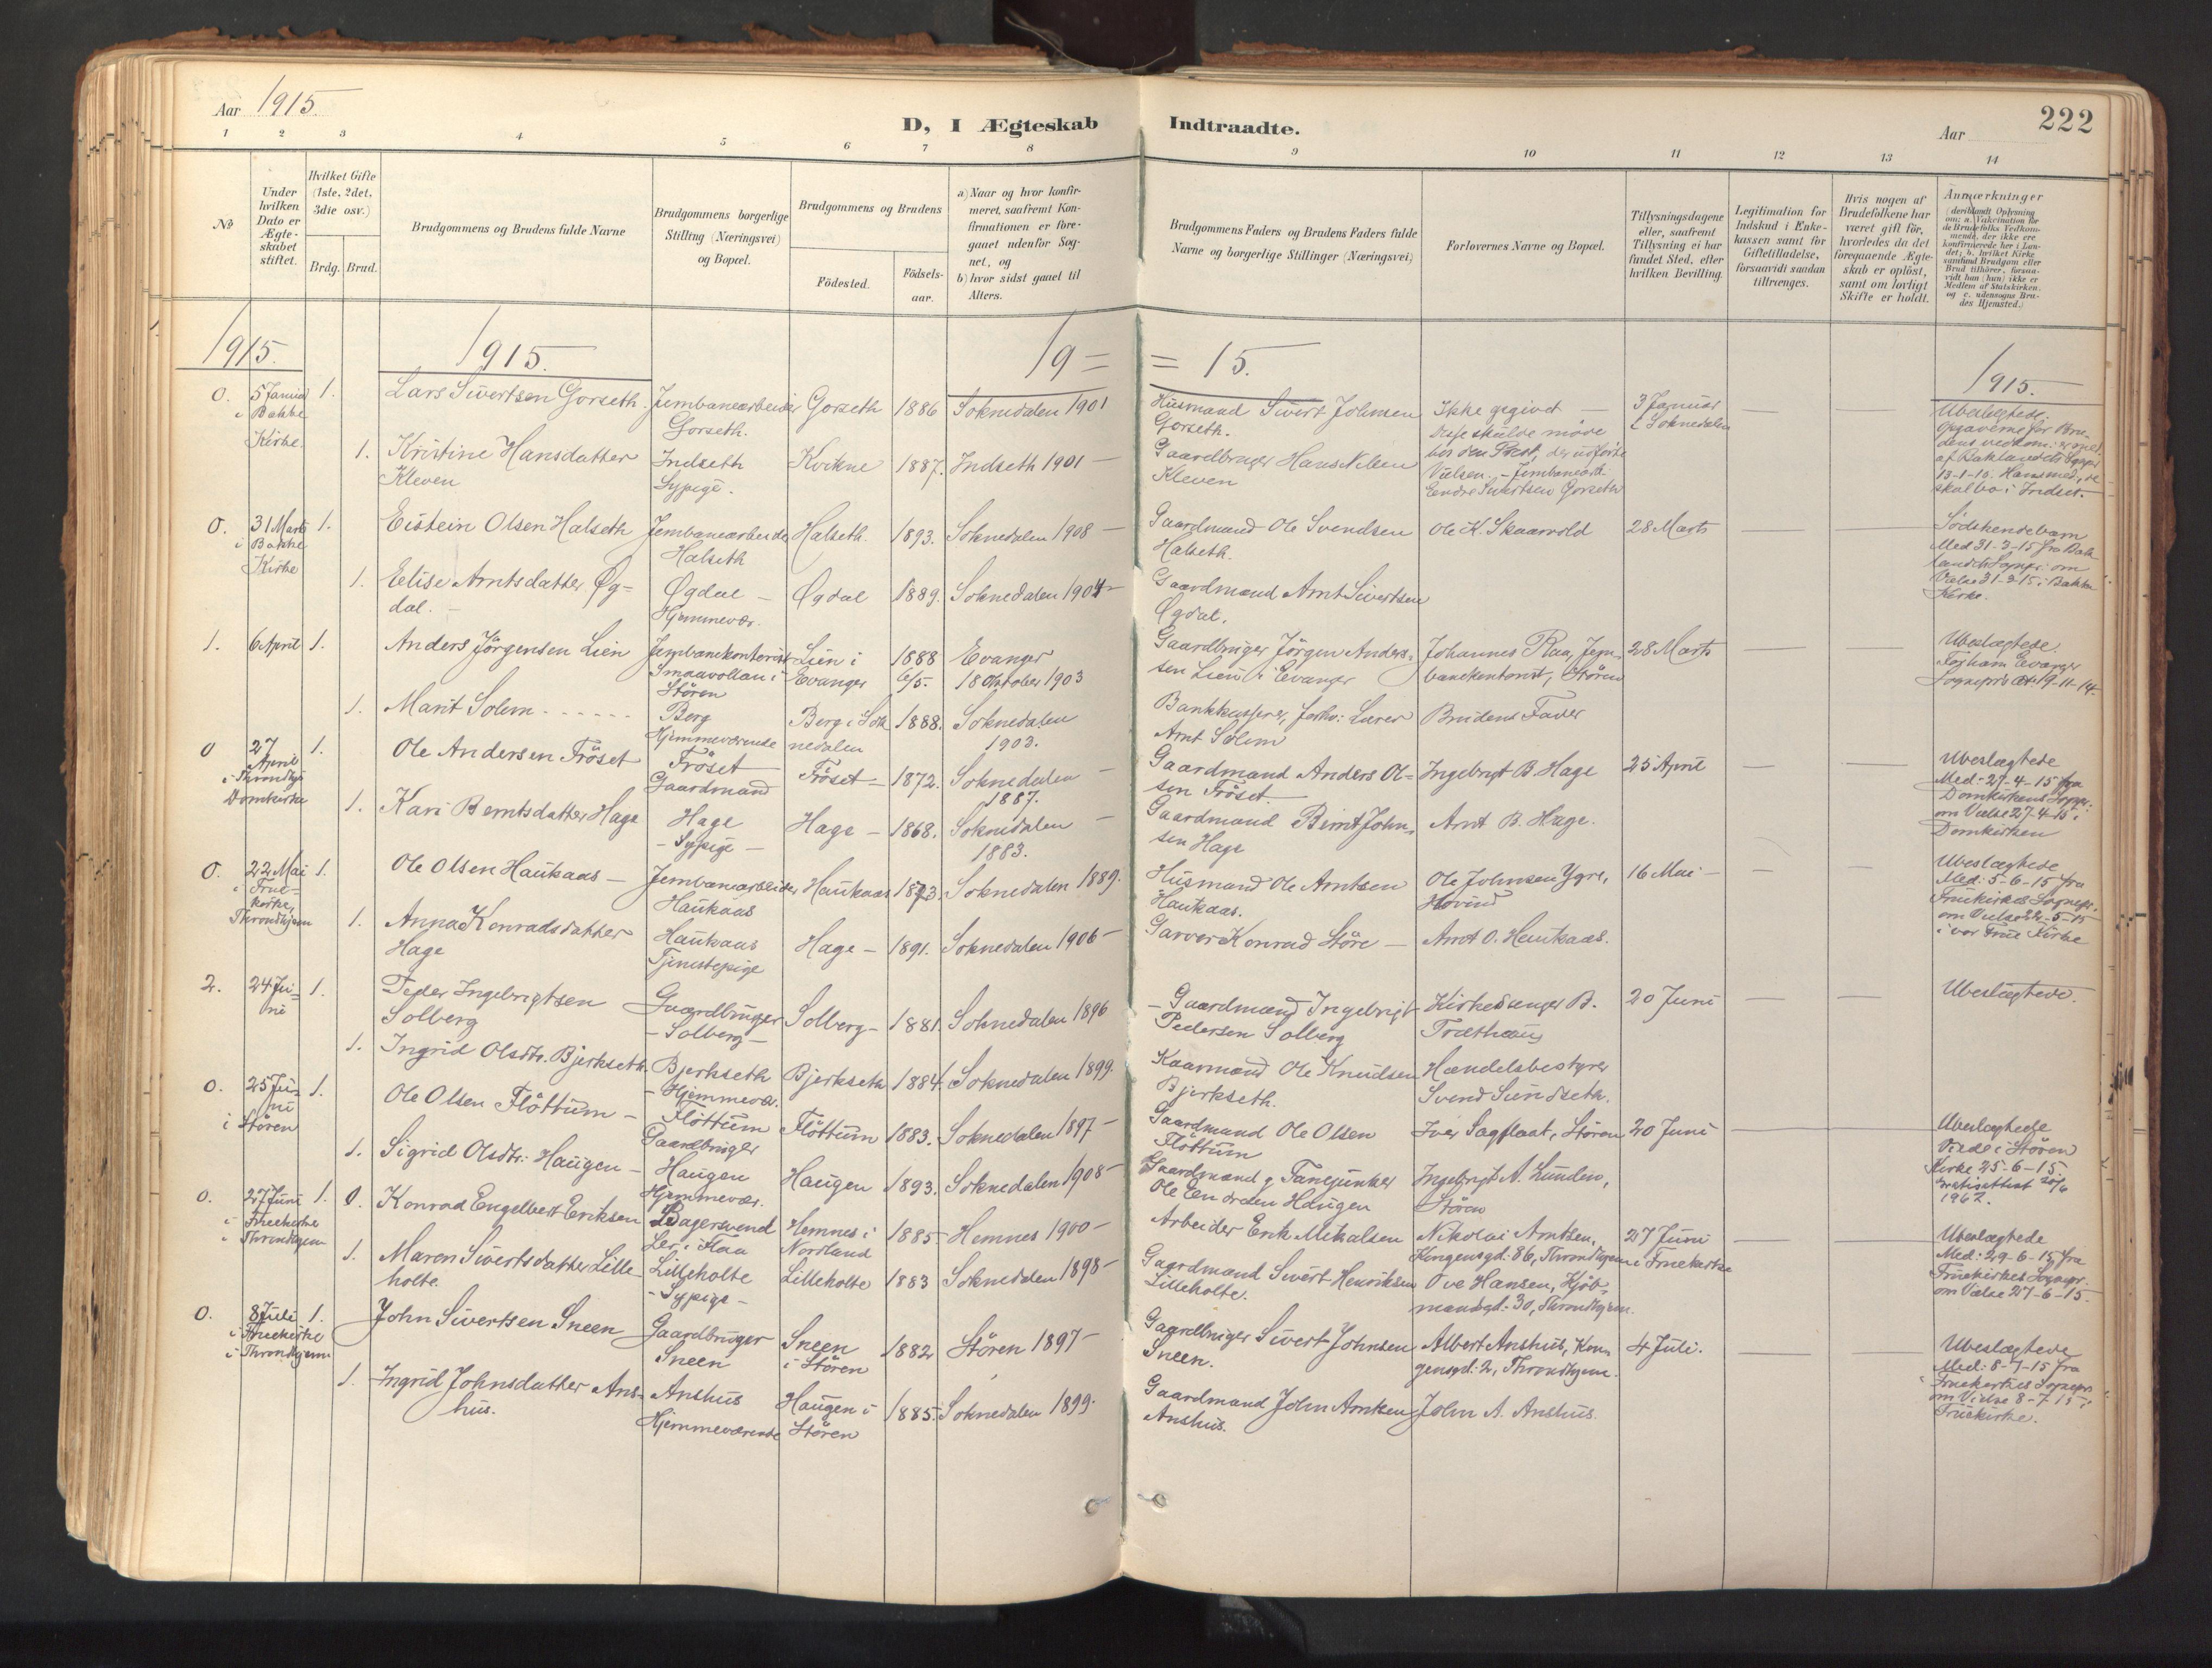 SAT, Ministerialprotokoller, klokkerbøker og fødselsregistre - Sør-Trøndelag, 689/L1041: Ministerialbok nr. 689A06, 1891-1923, s. 222